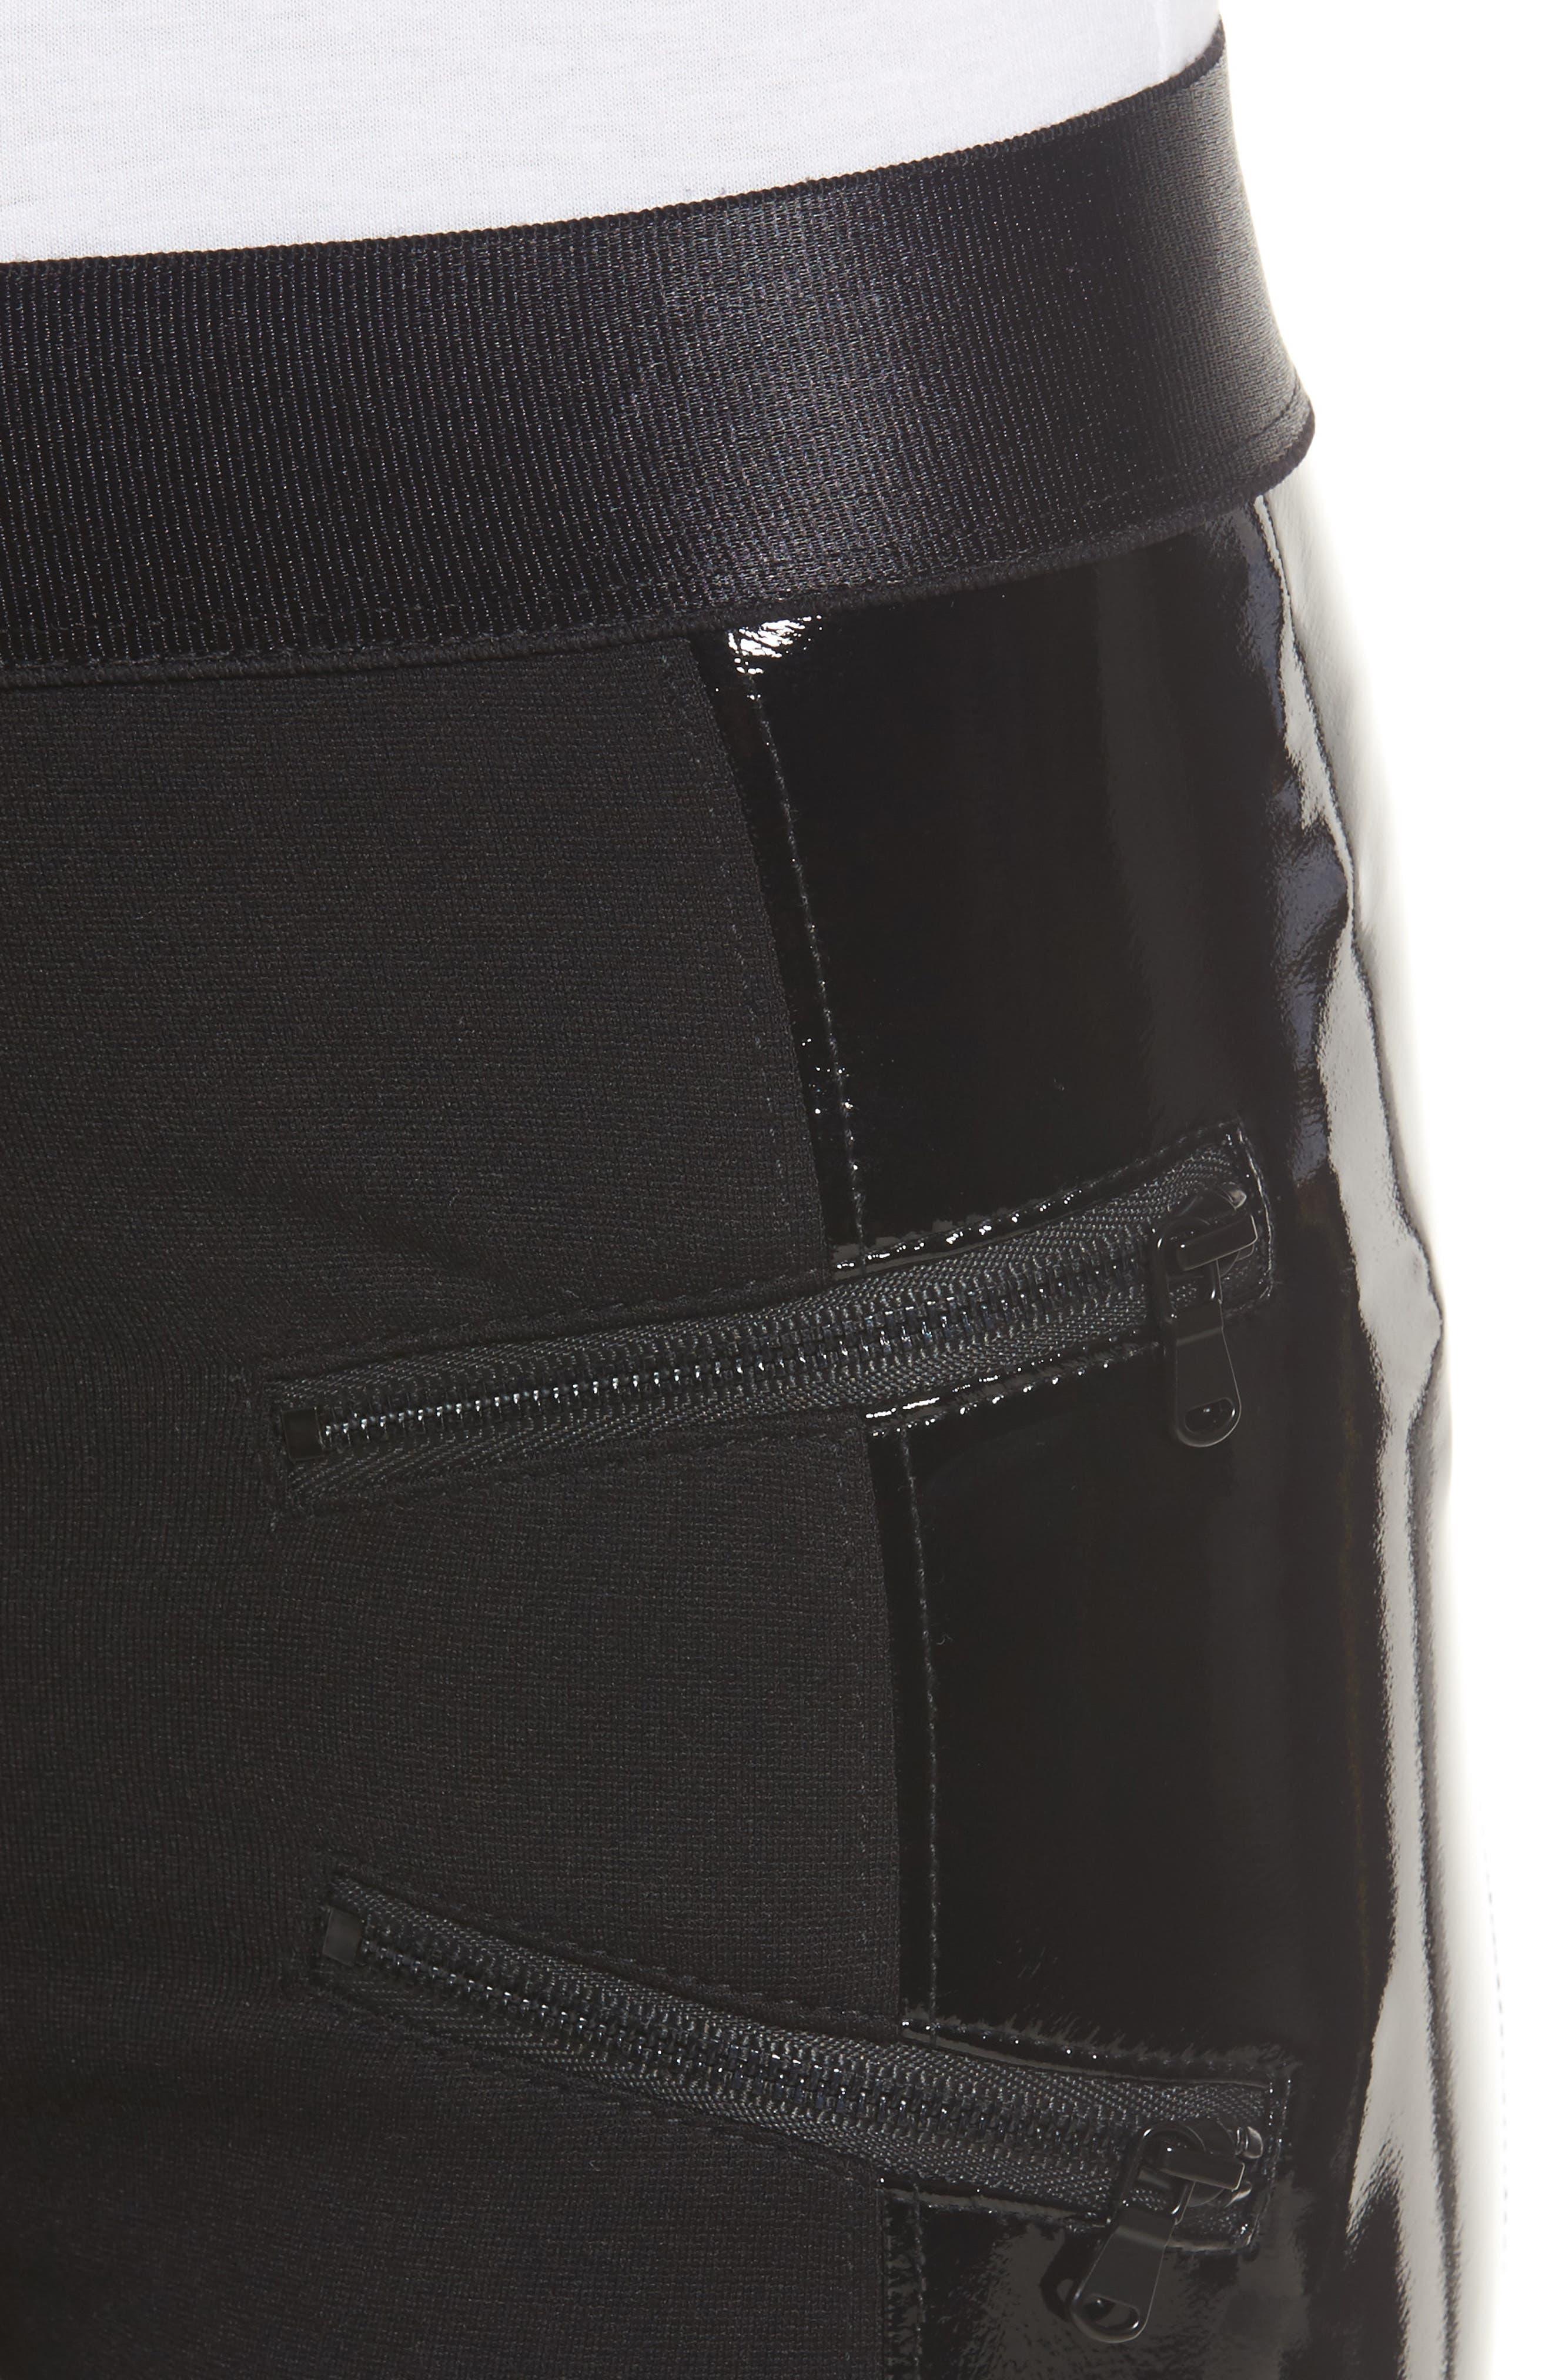 Starburst High Waist Leggings,                             Alternate thumbnail 5, color,                             Black